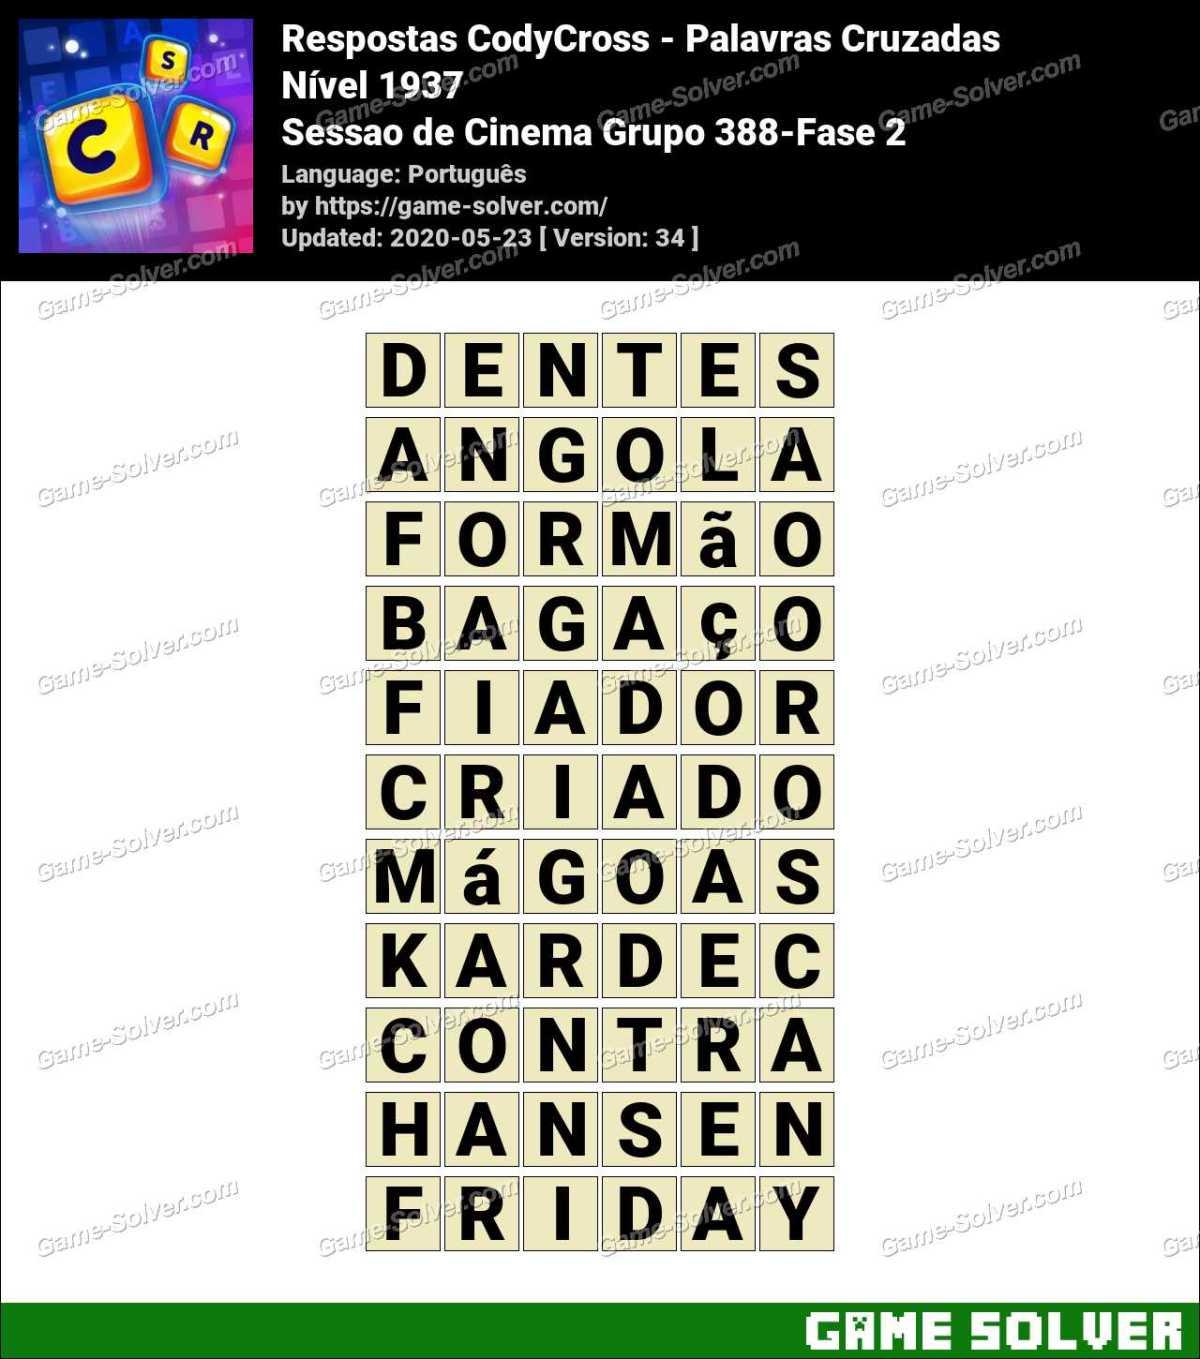 Respostas CodyCross Sessao de Cinema Grupo 388-Fase 2